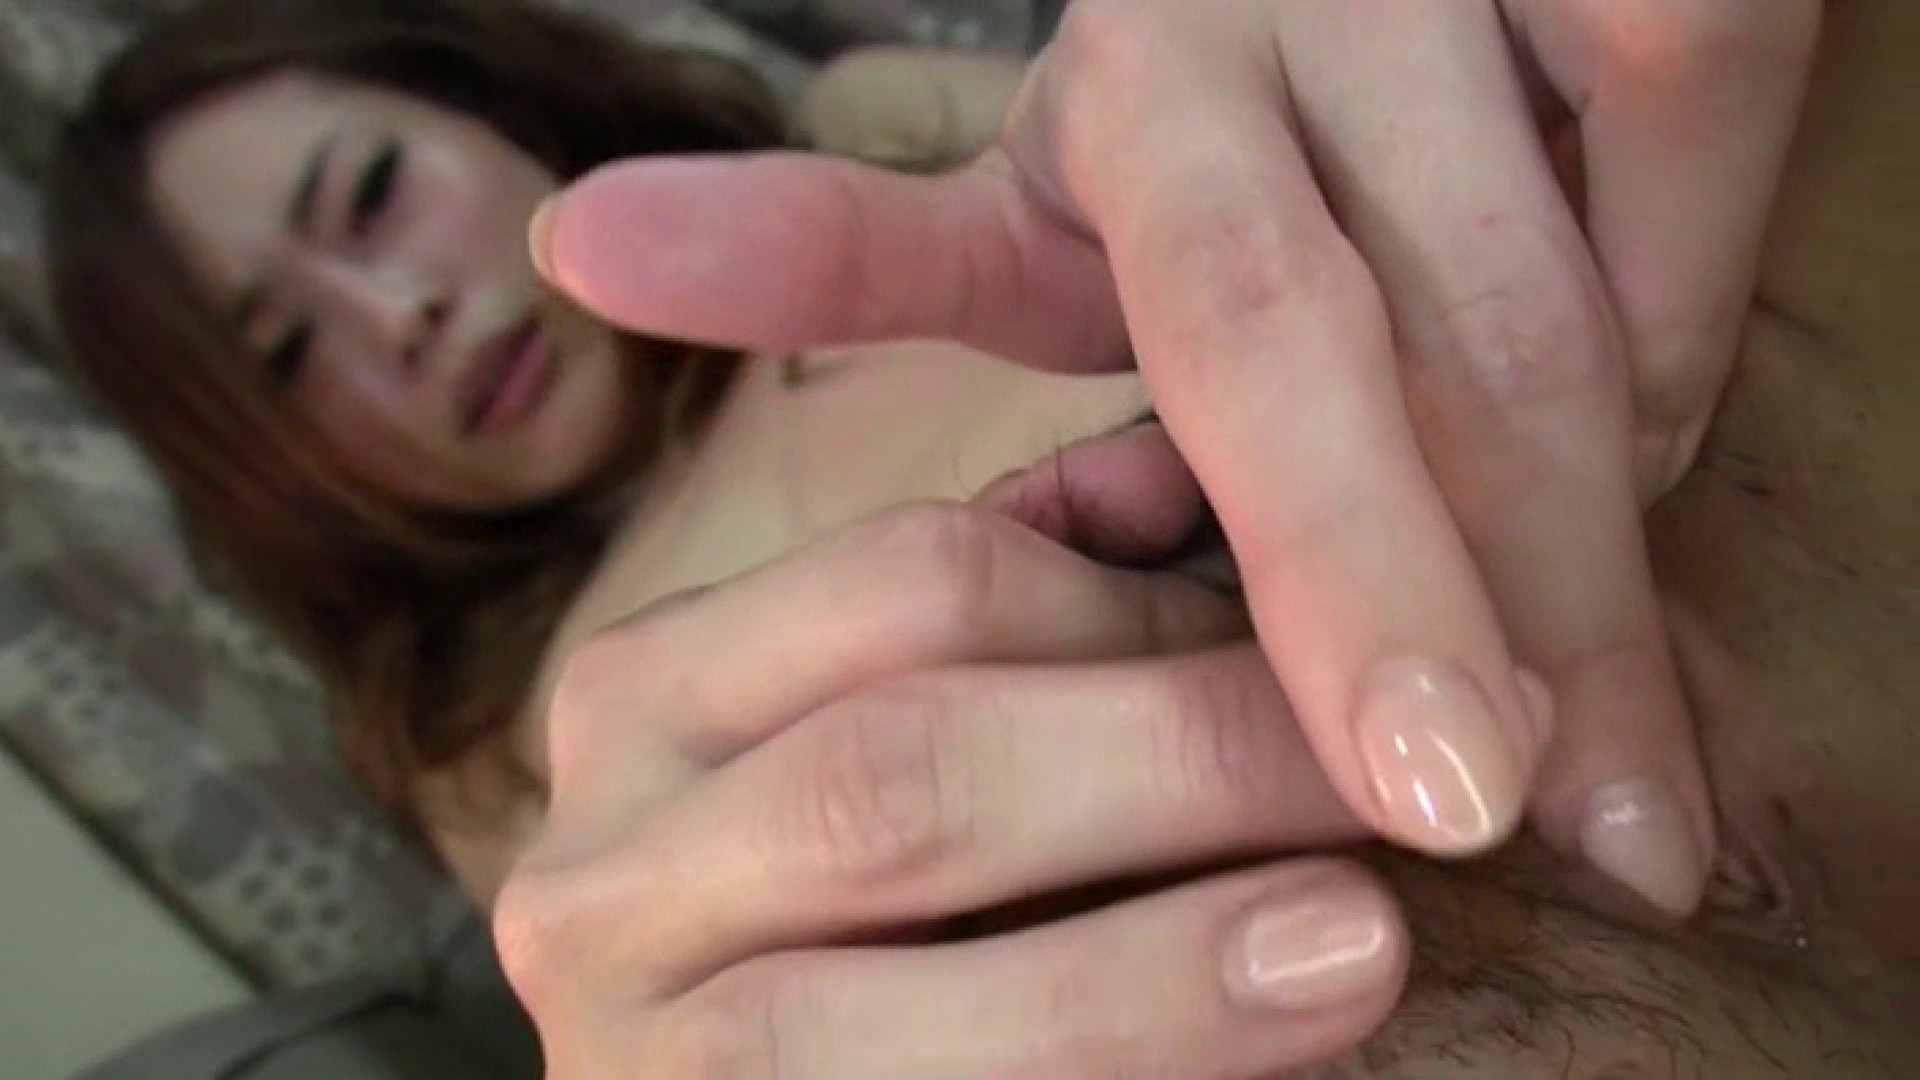 おしえてギャル子のH塾 Vol.34前編 マッサージ 盗撮画像 88pic 87